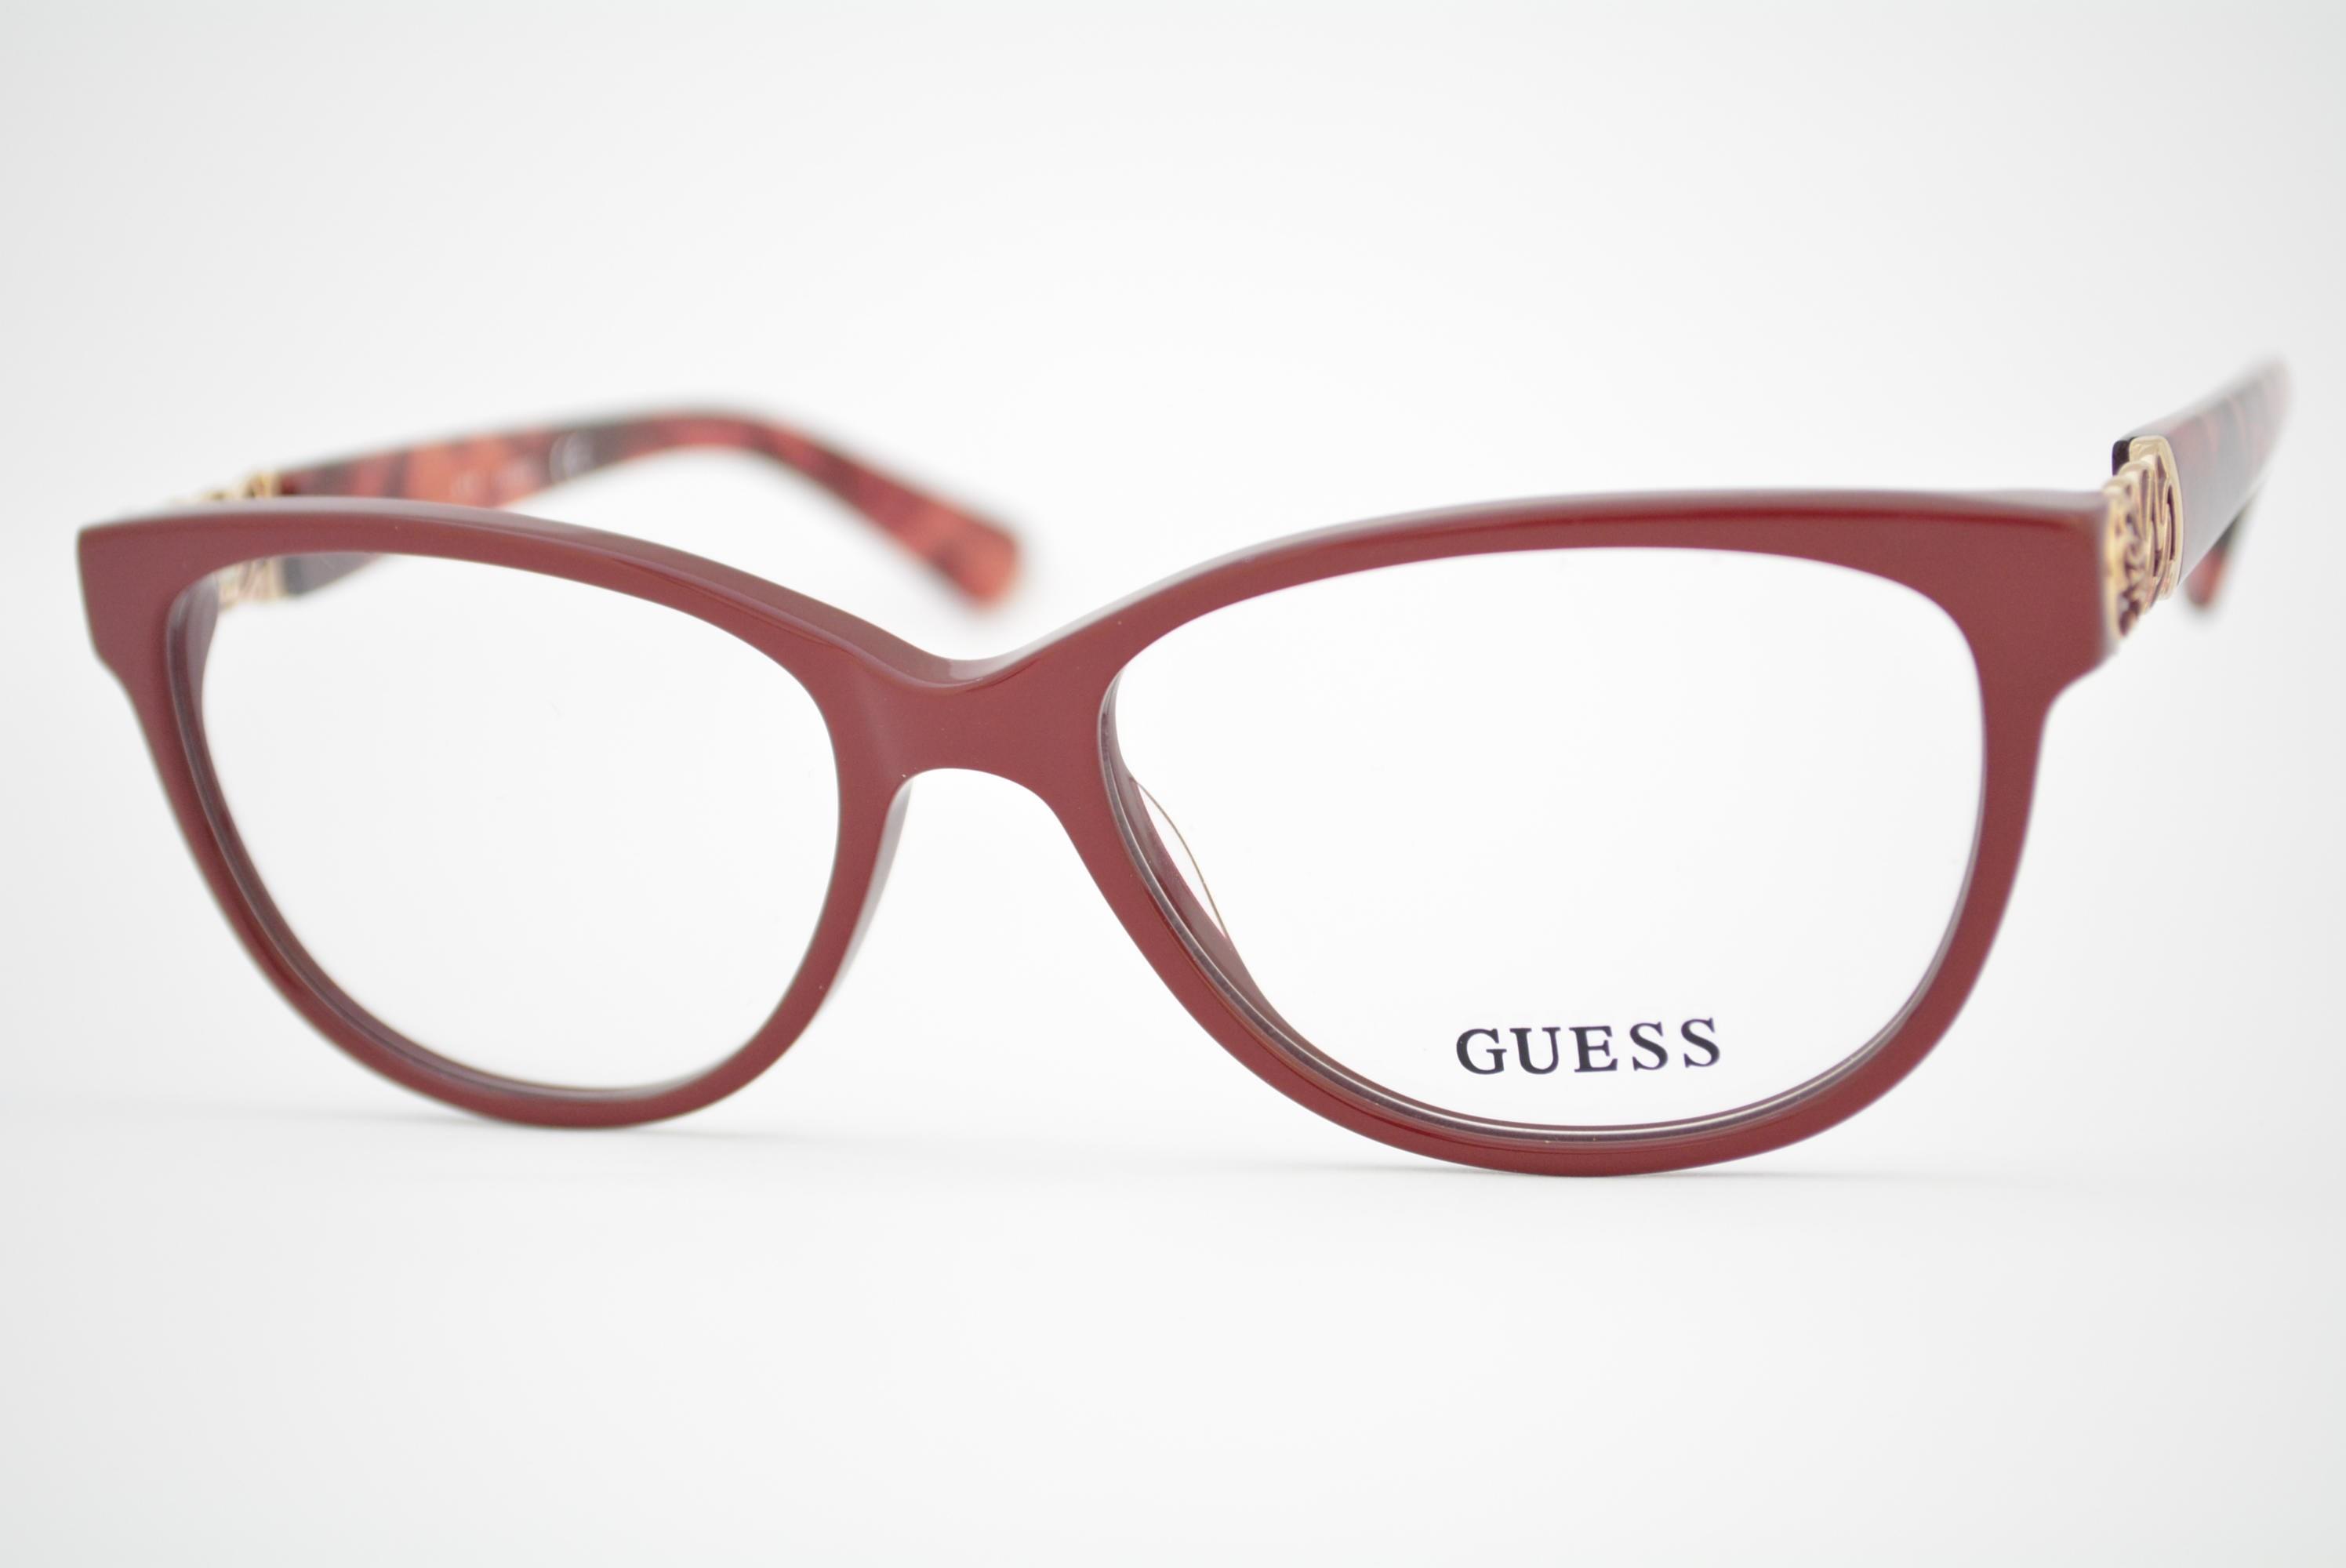 d8ce38eaa2bed armação de óculos Guess mod GU2491 066 Ótica Cardoso